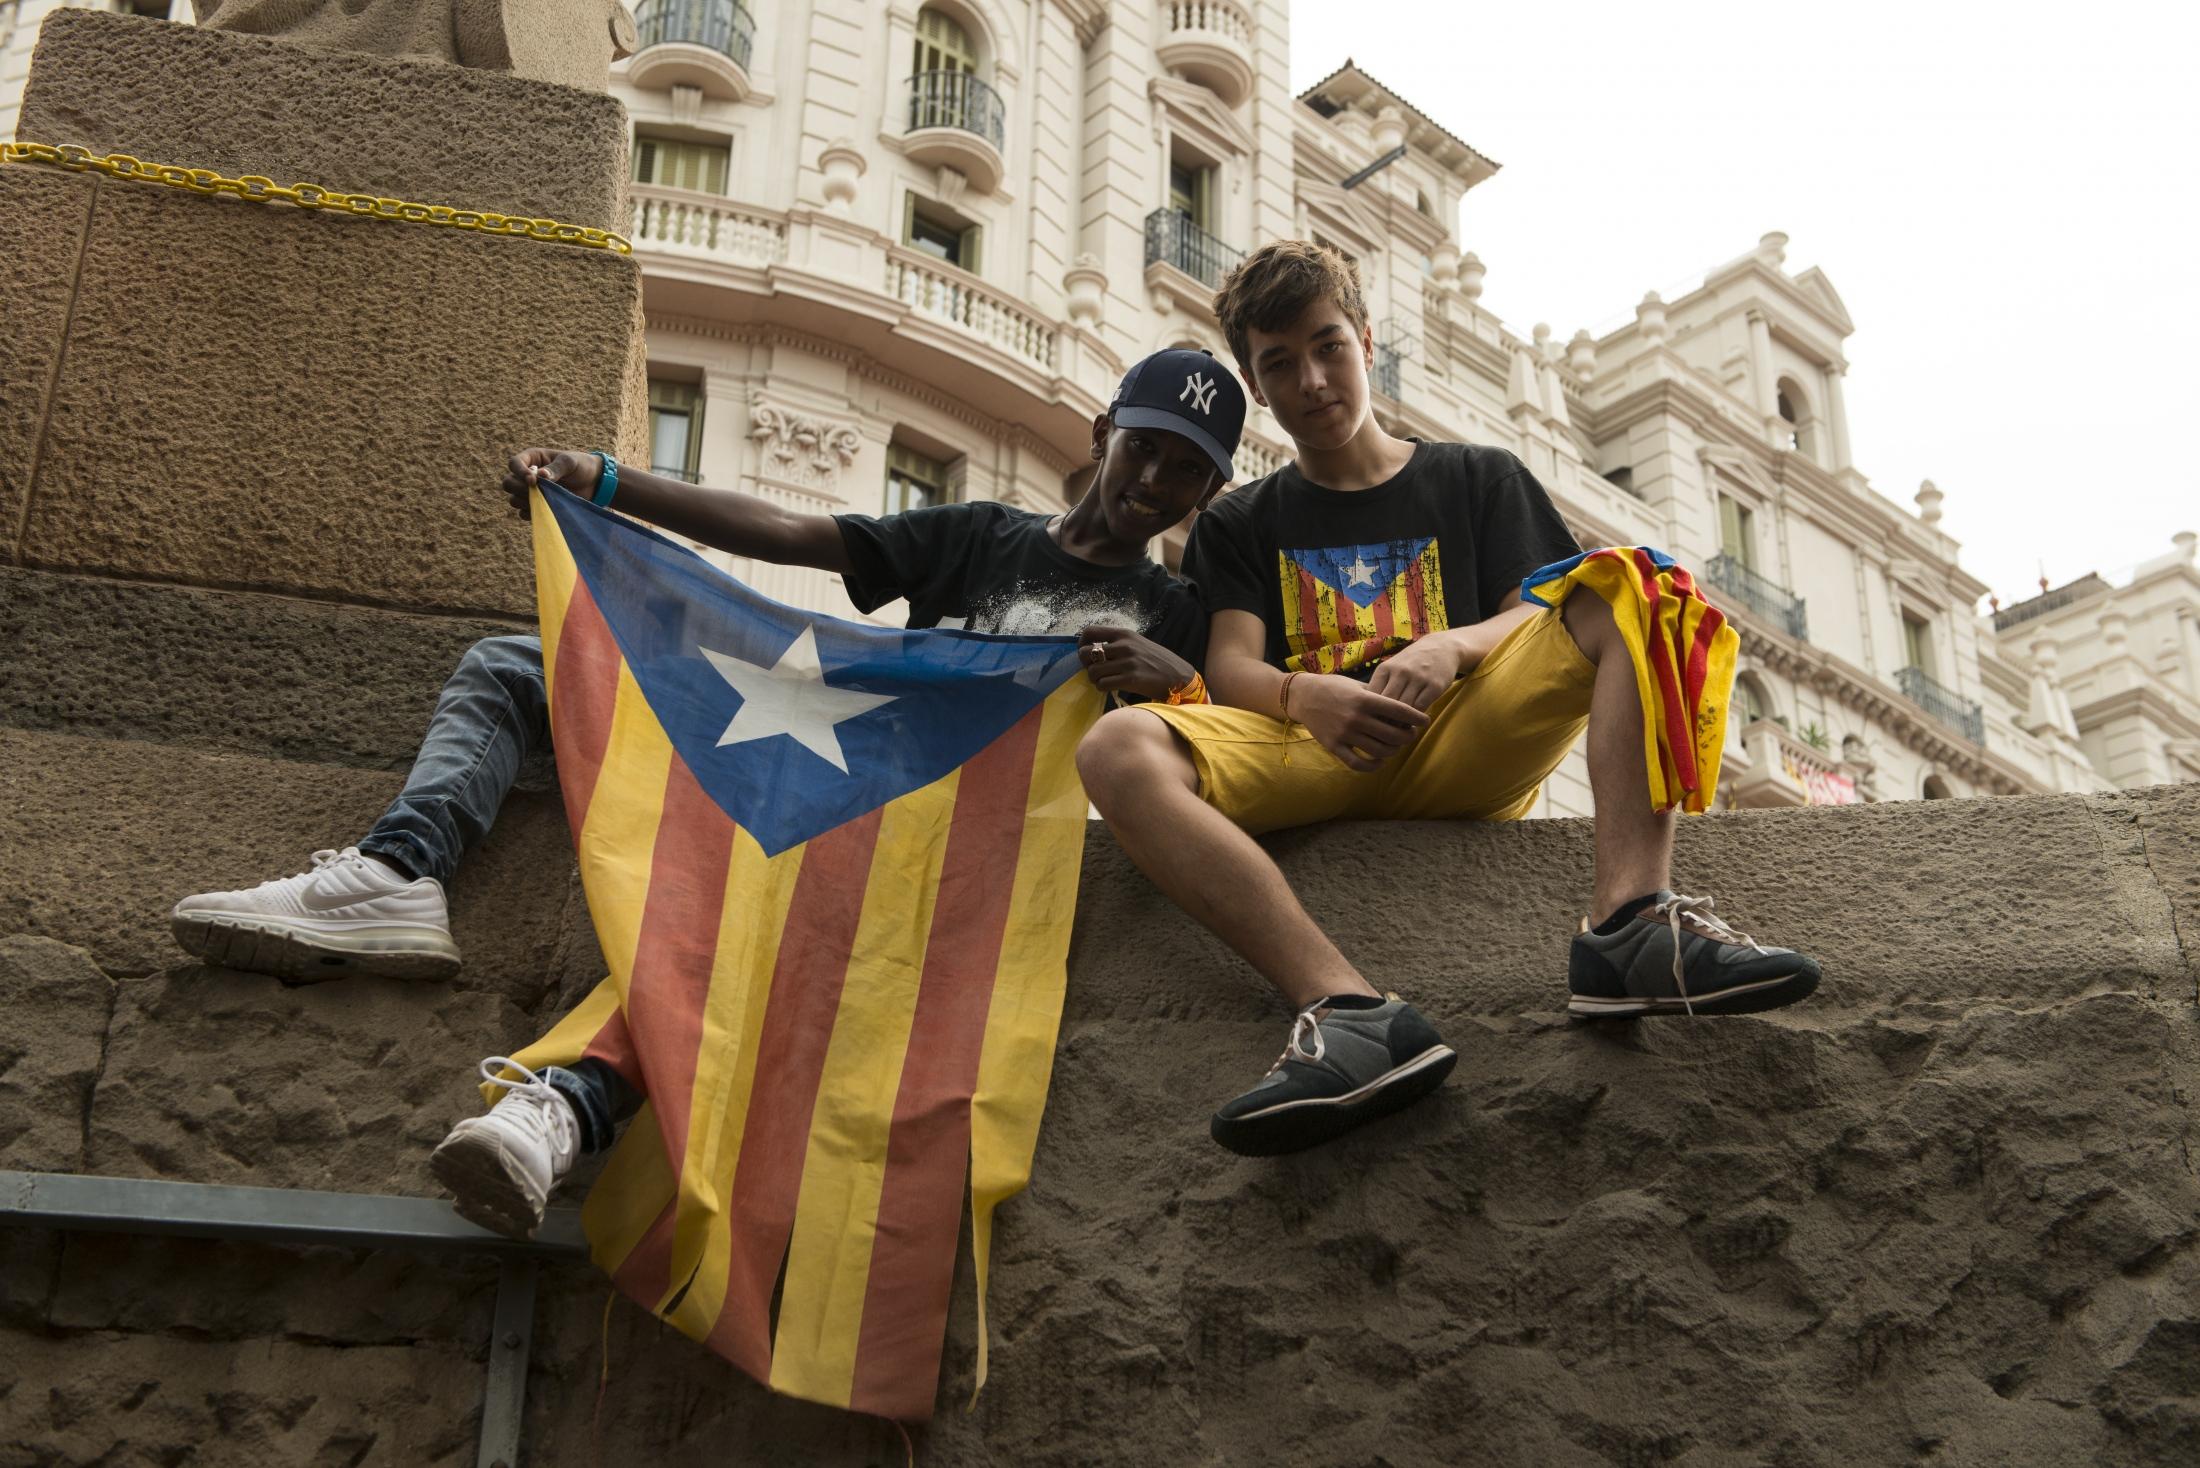 09.11.18 Over 1 million Cataluñas...